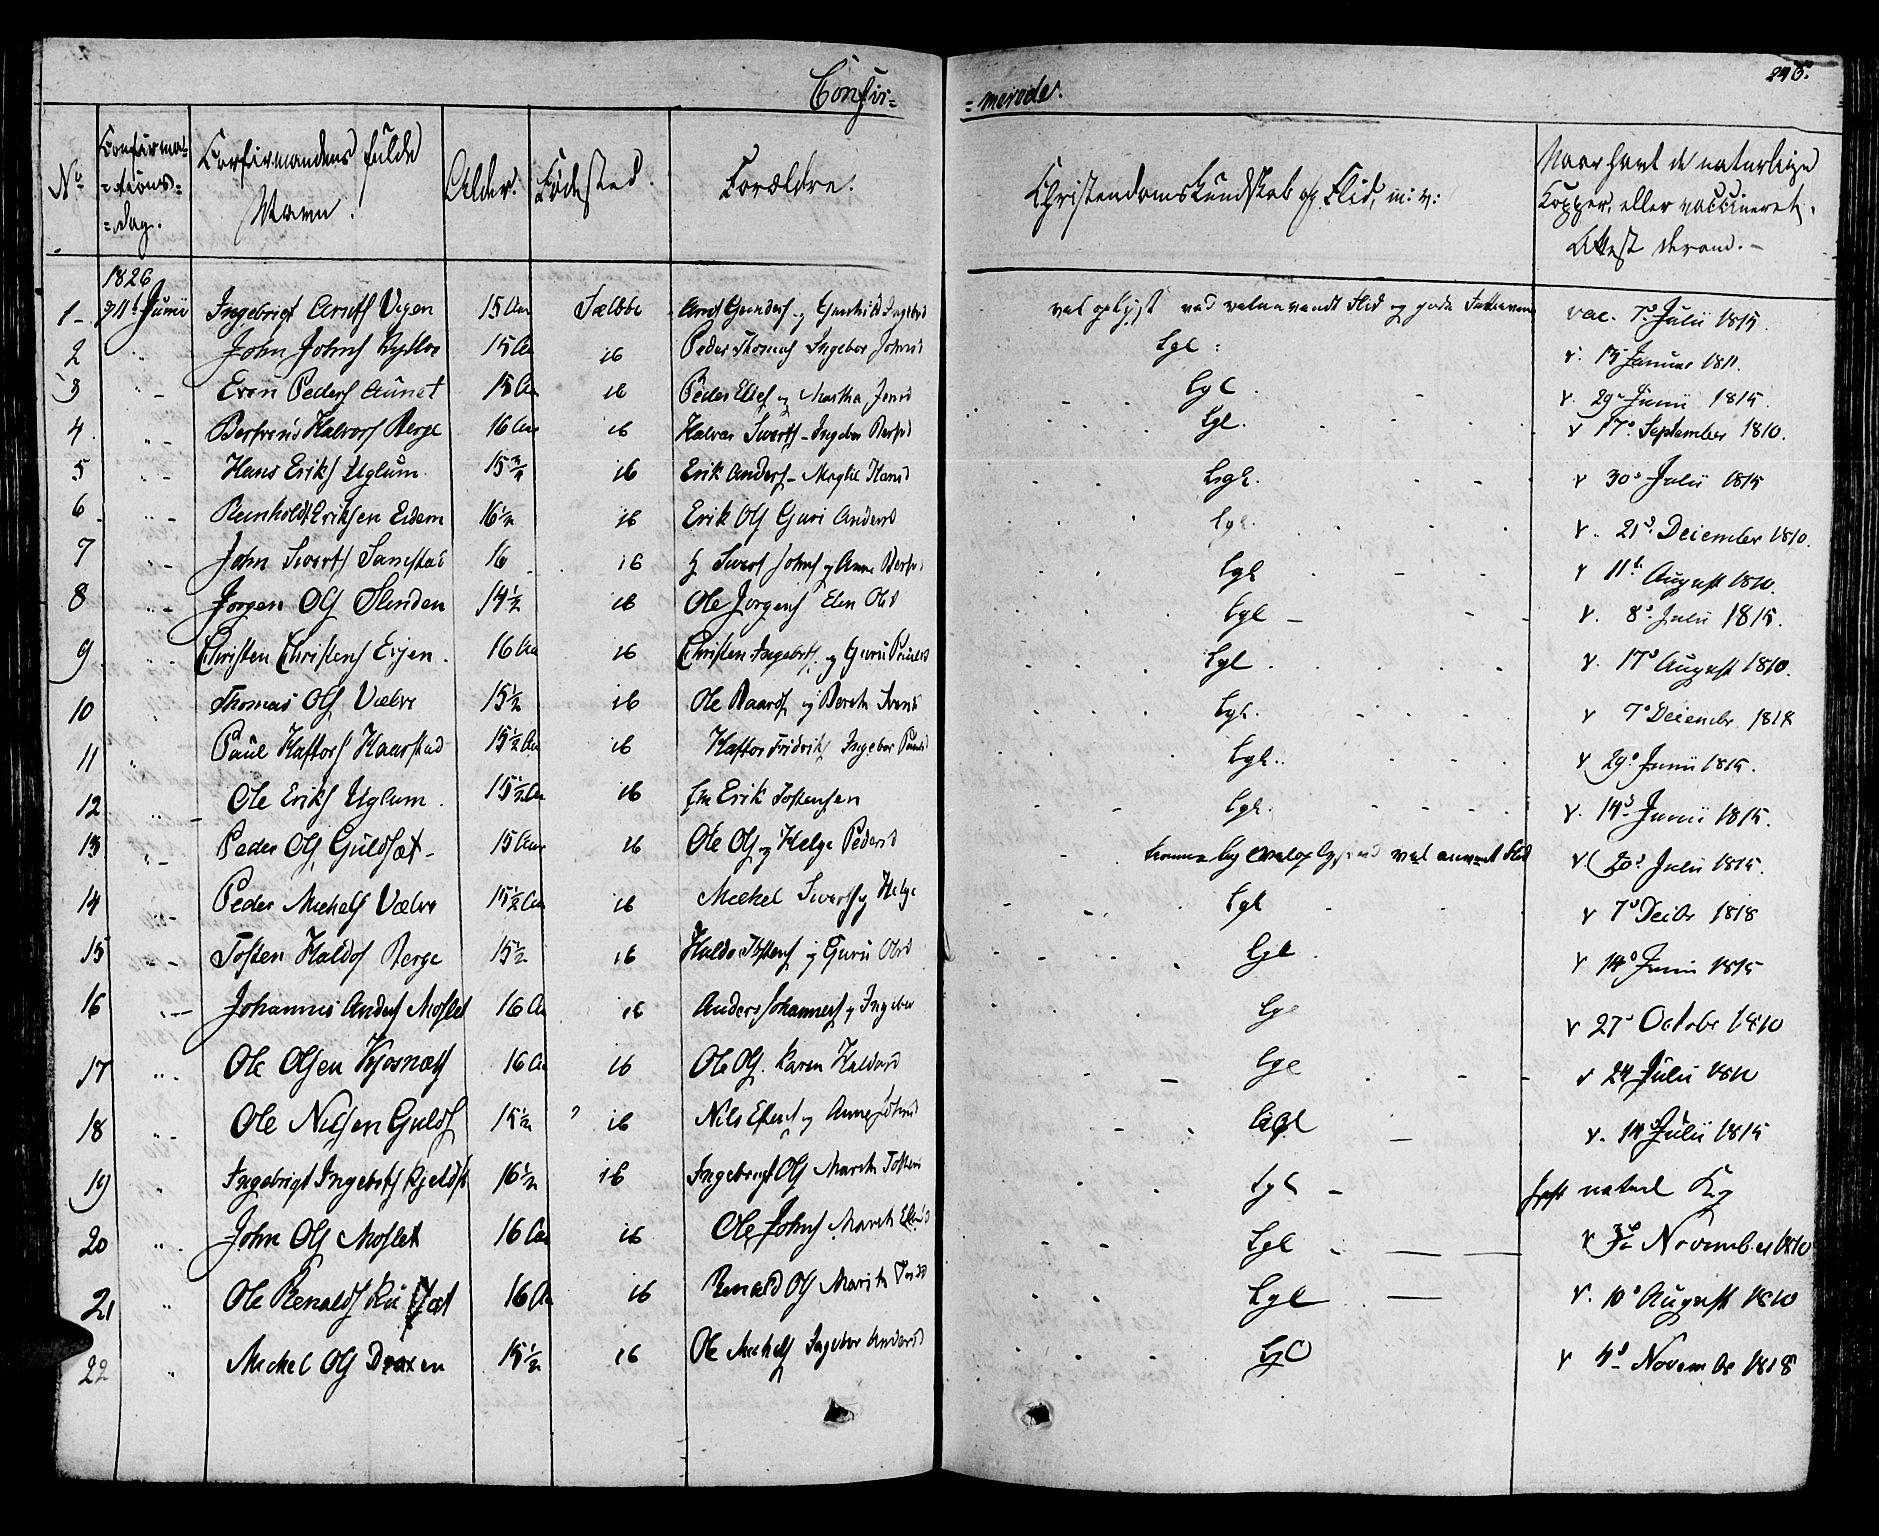 SAT, Ministerialprotokoller, klokkerbøker og fødselsregistre - Sør-Trøndelag, 695/L1143: Ministerialbok nr. 695A05 /1, 1824-1842, s. 243